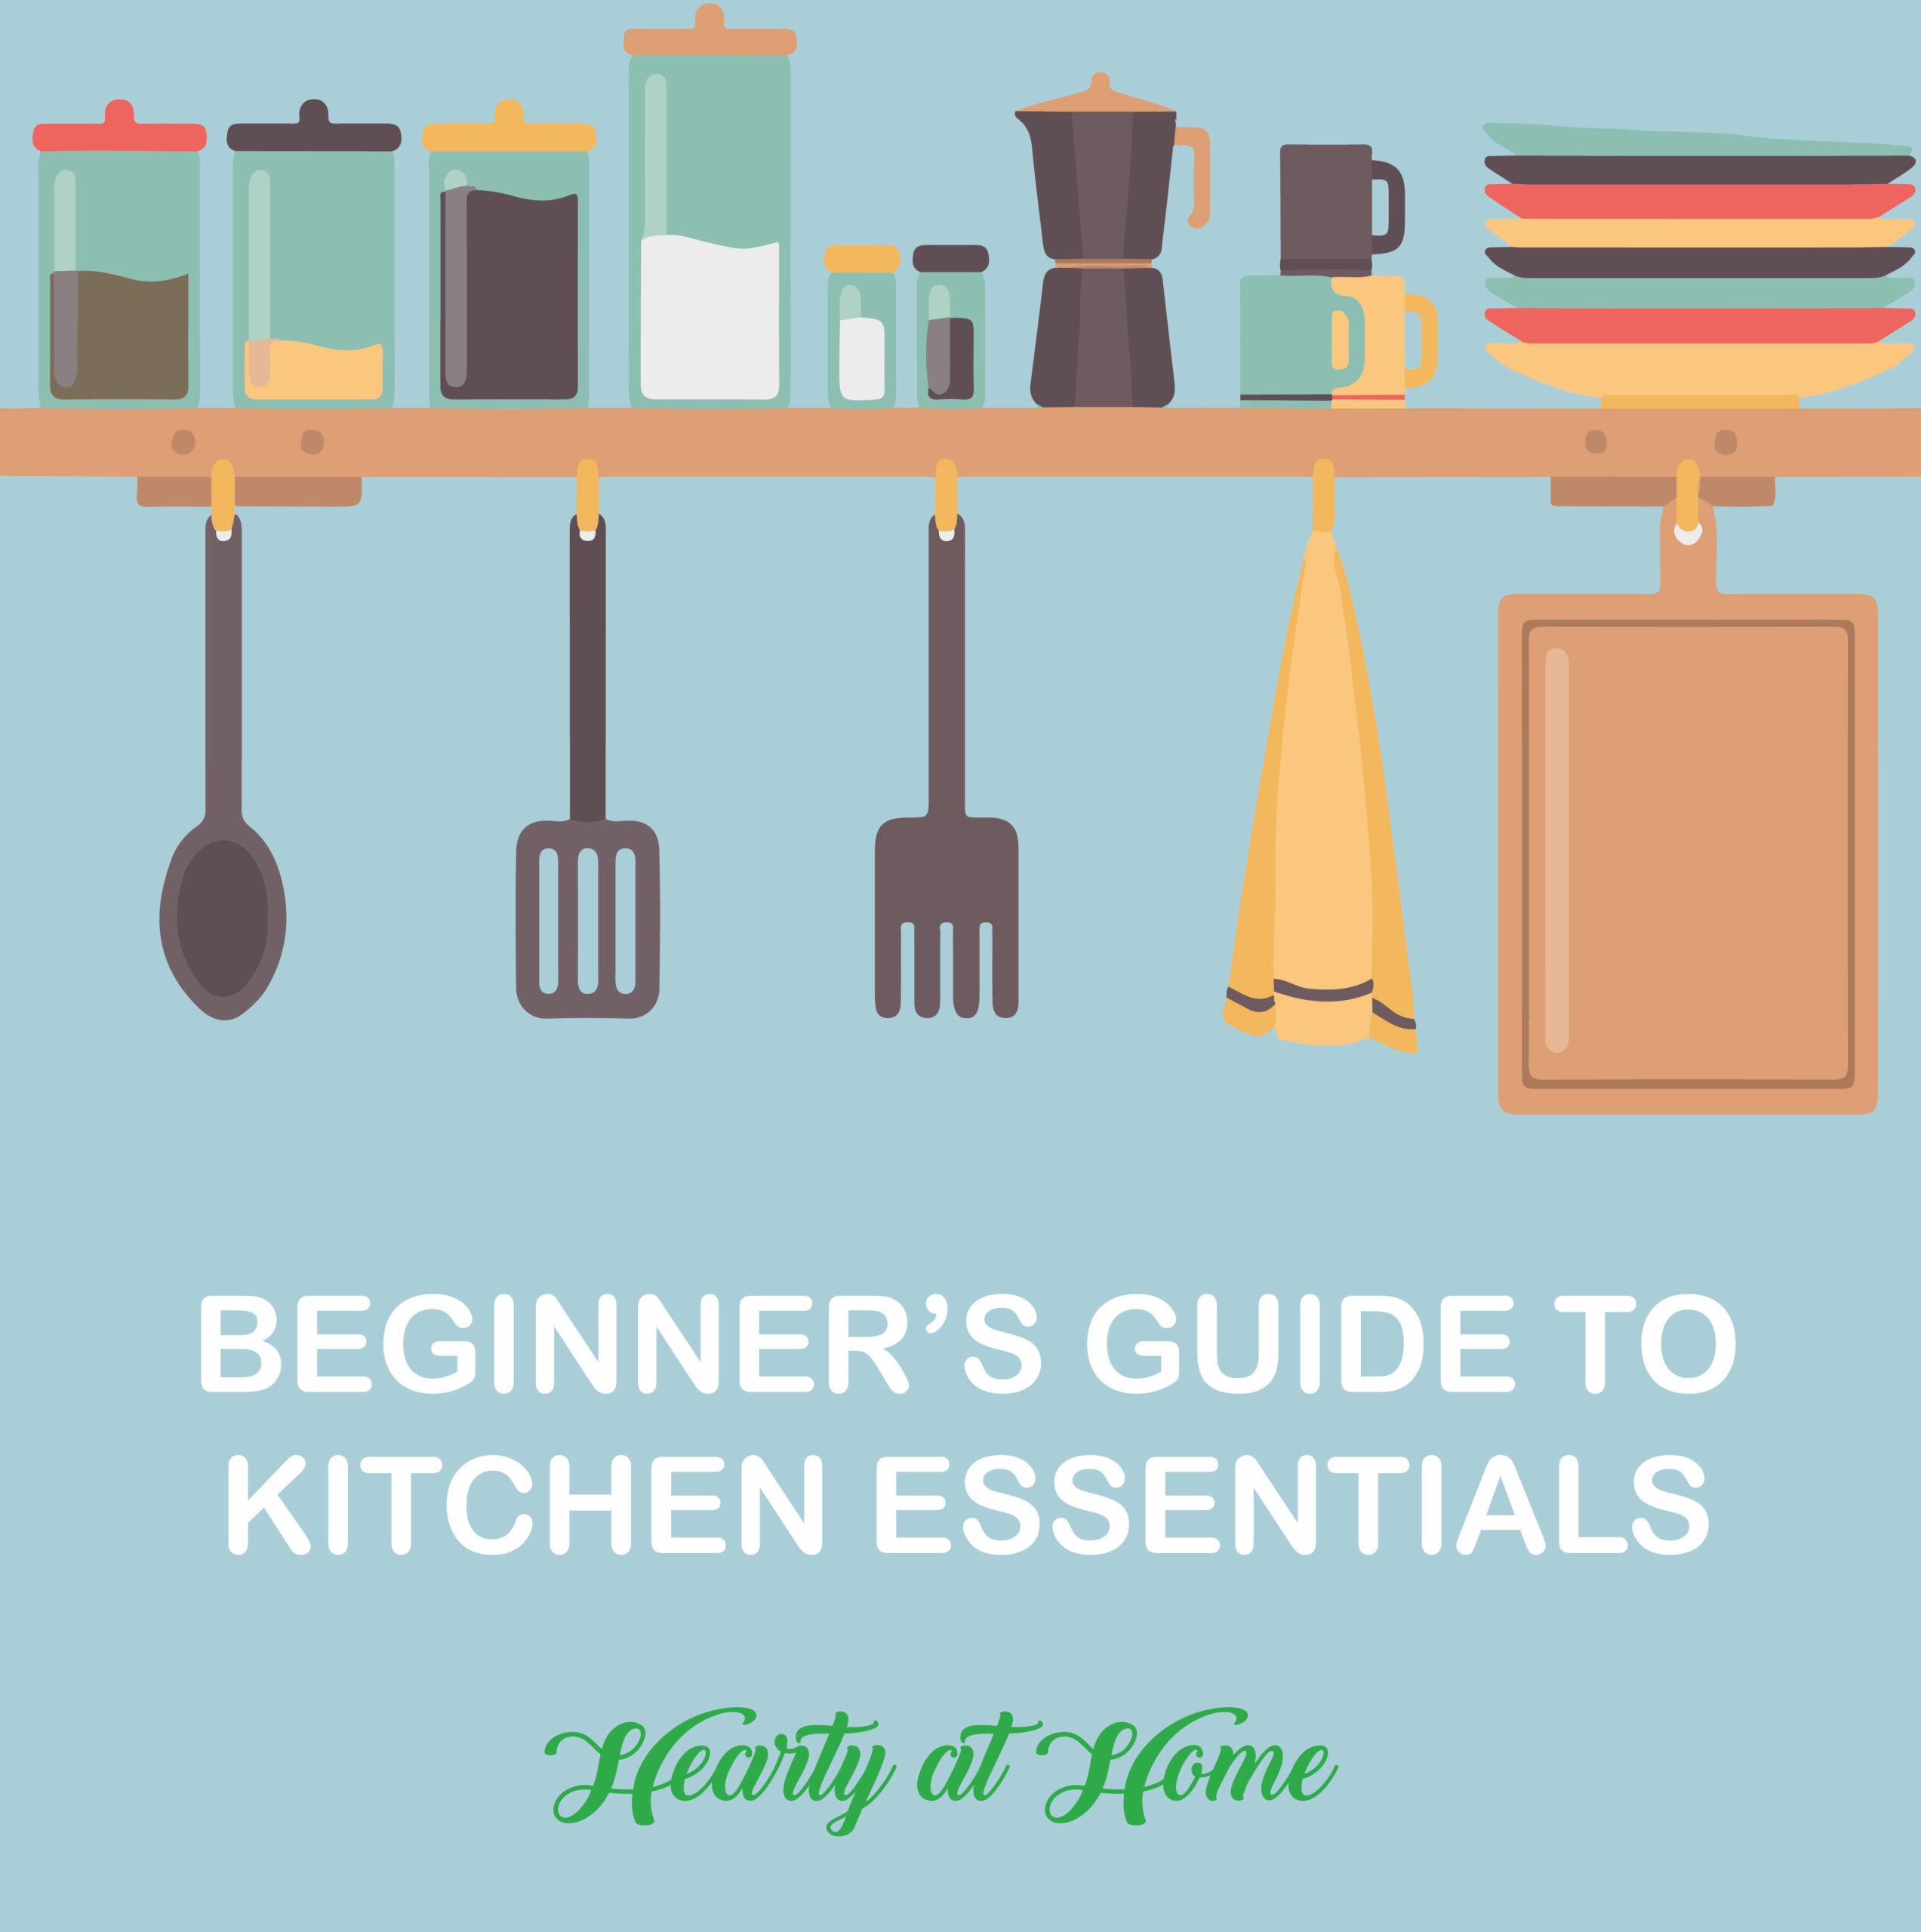 Beginner's Guide to Kitchen Essentials